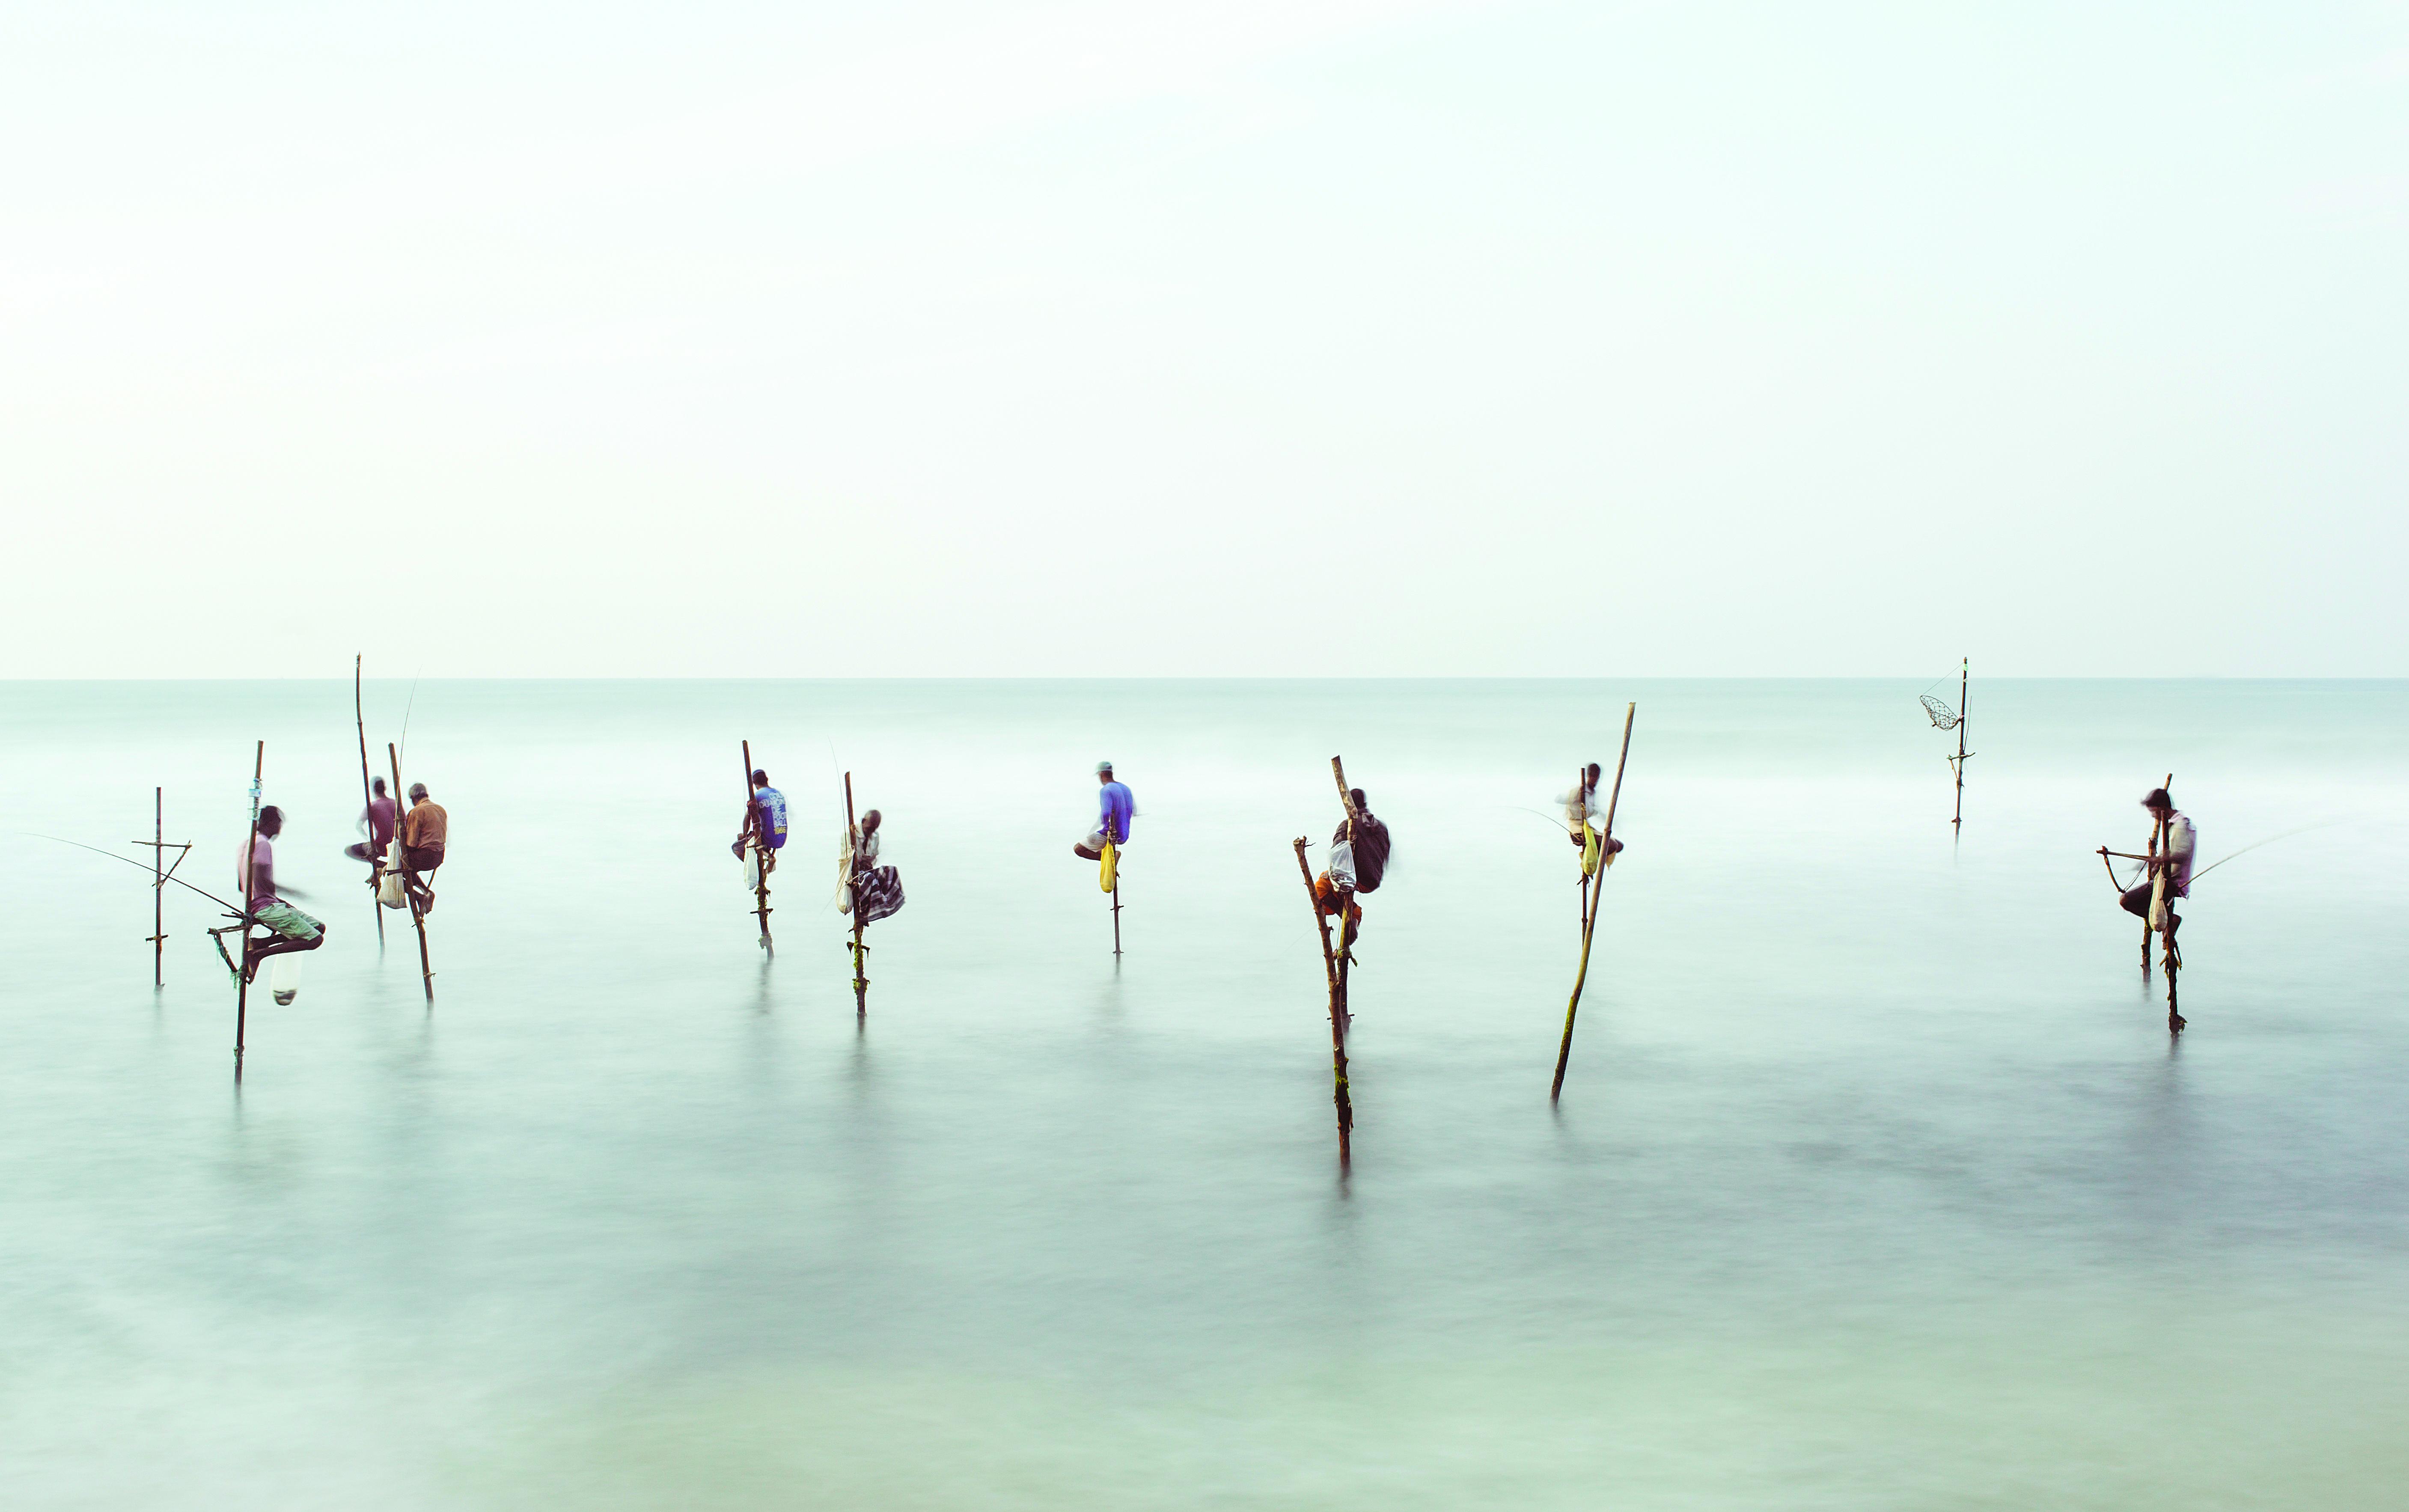 Stilt fishermen in Sri Lanka (Matt Porteous/Getty Images). gettyimages.co.uk